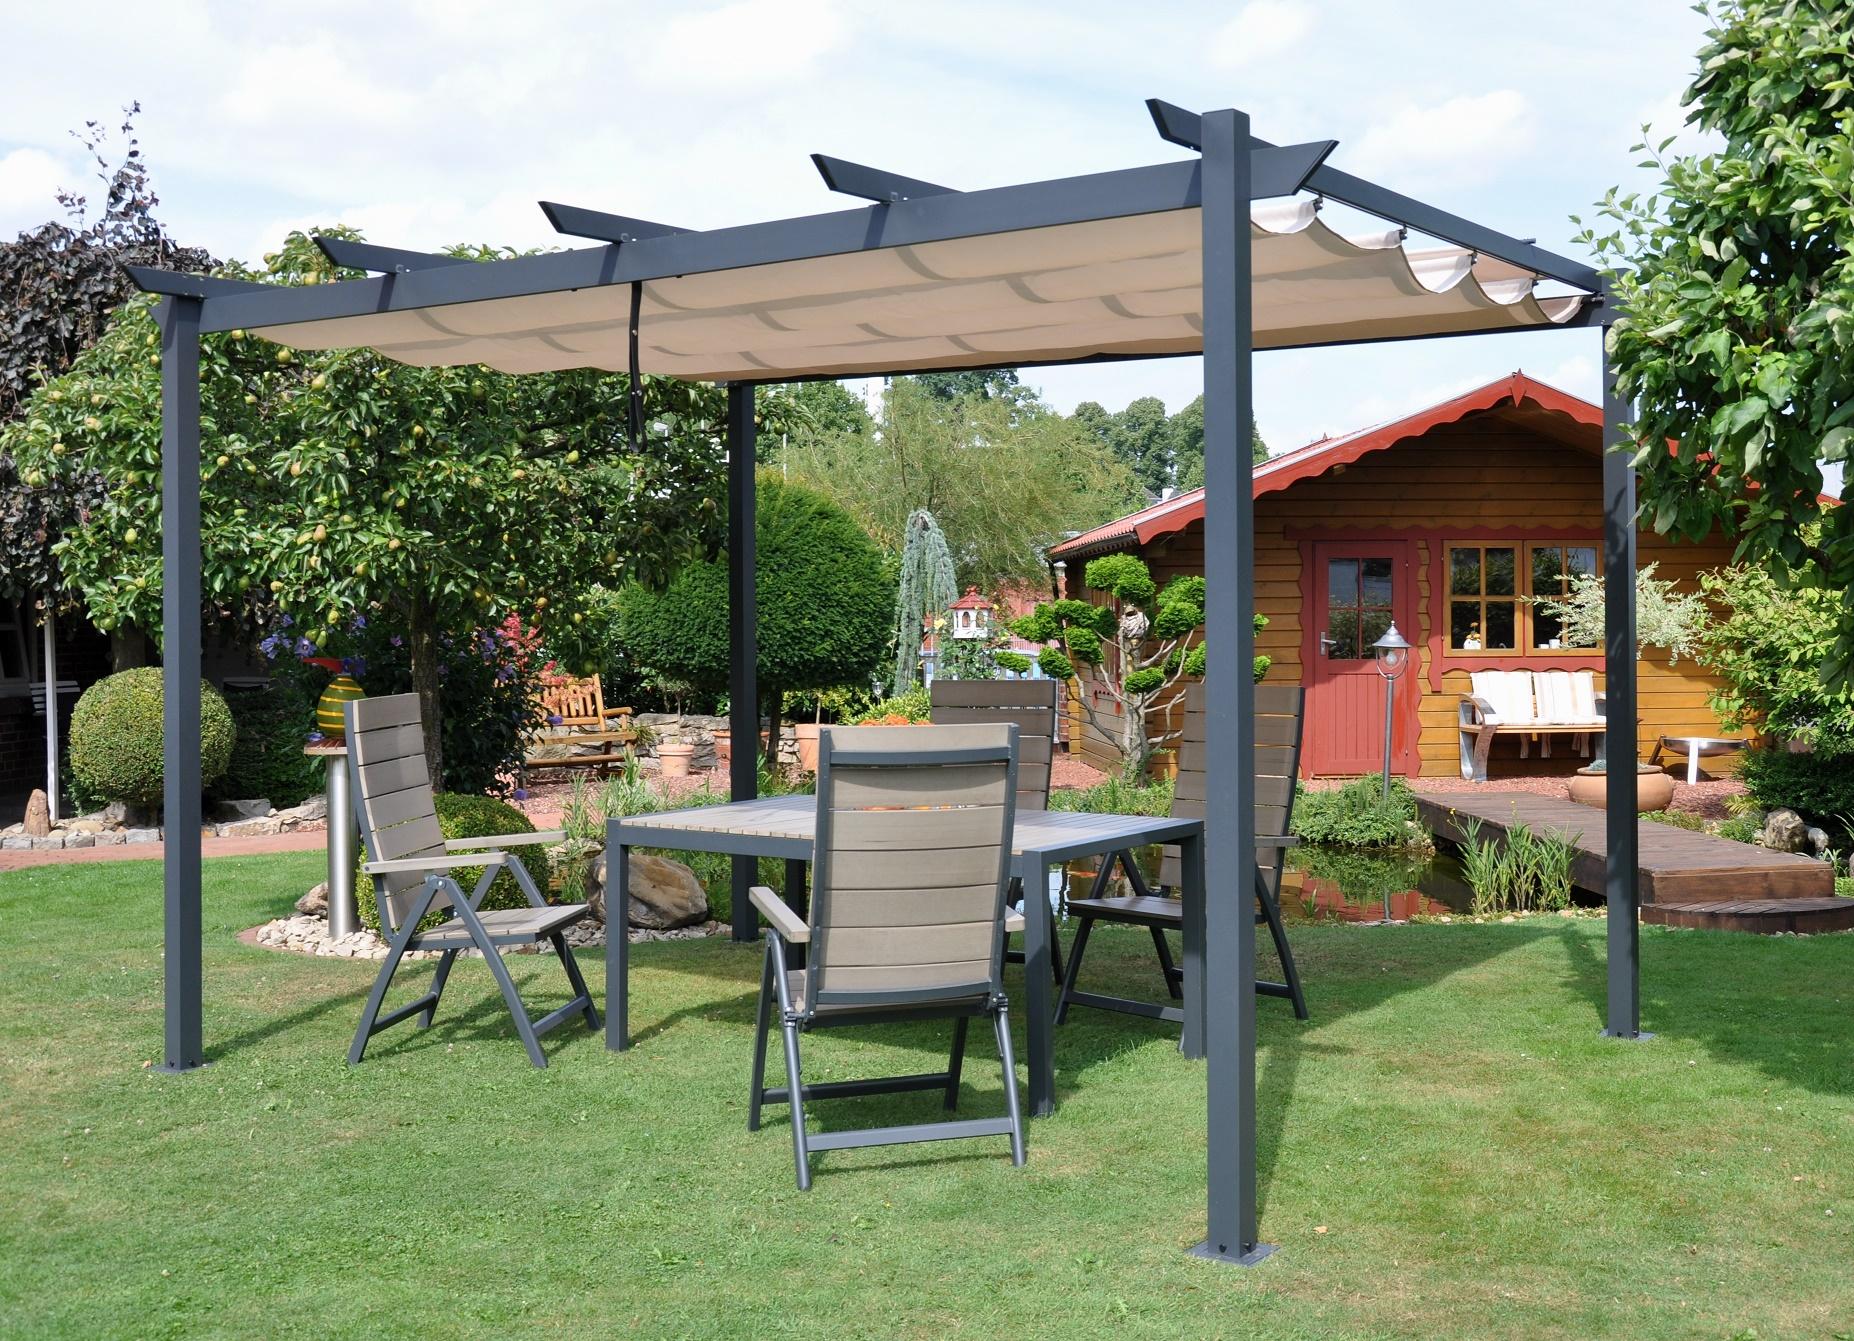 Full Size of Terrassen Pavillon Leco Pergola 3x4m Garten Terrasse Berdachung Windschutz Wohnzimmer Terrassen Pavillon